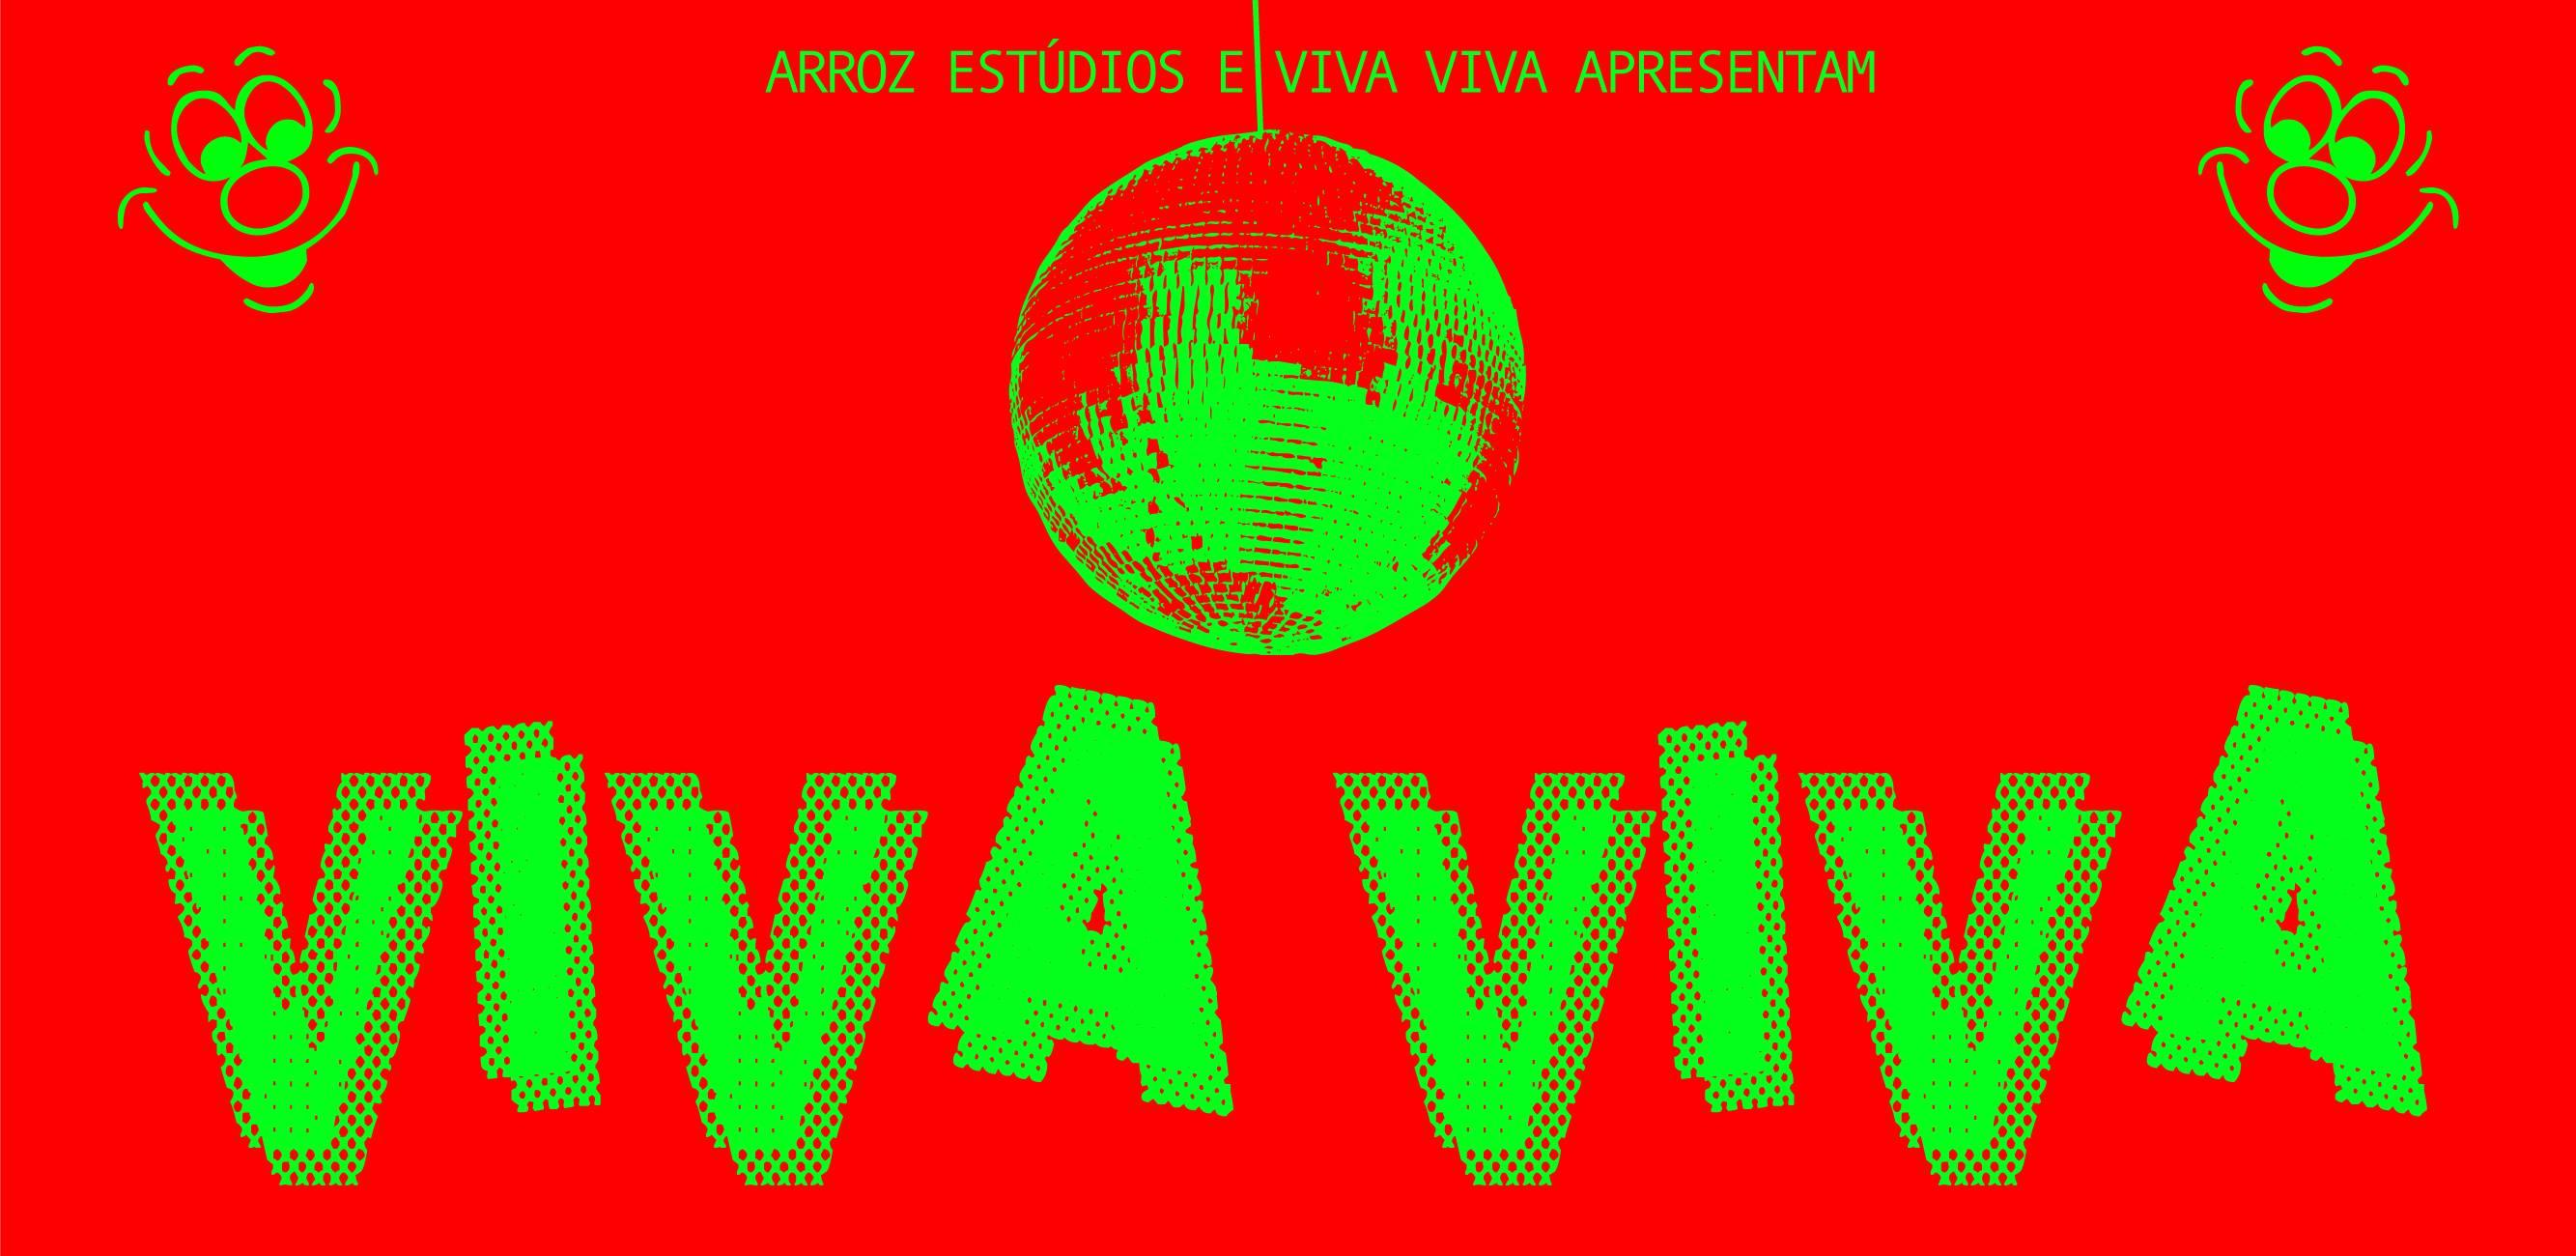 VIVA VIVA c/ MiguelAbras(live),DJ Gelato,DJ Romance,Drums Algarve,Peter Templeton